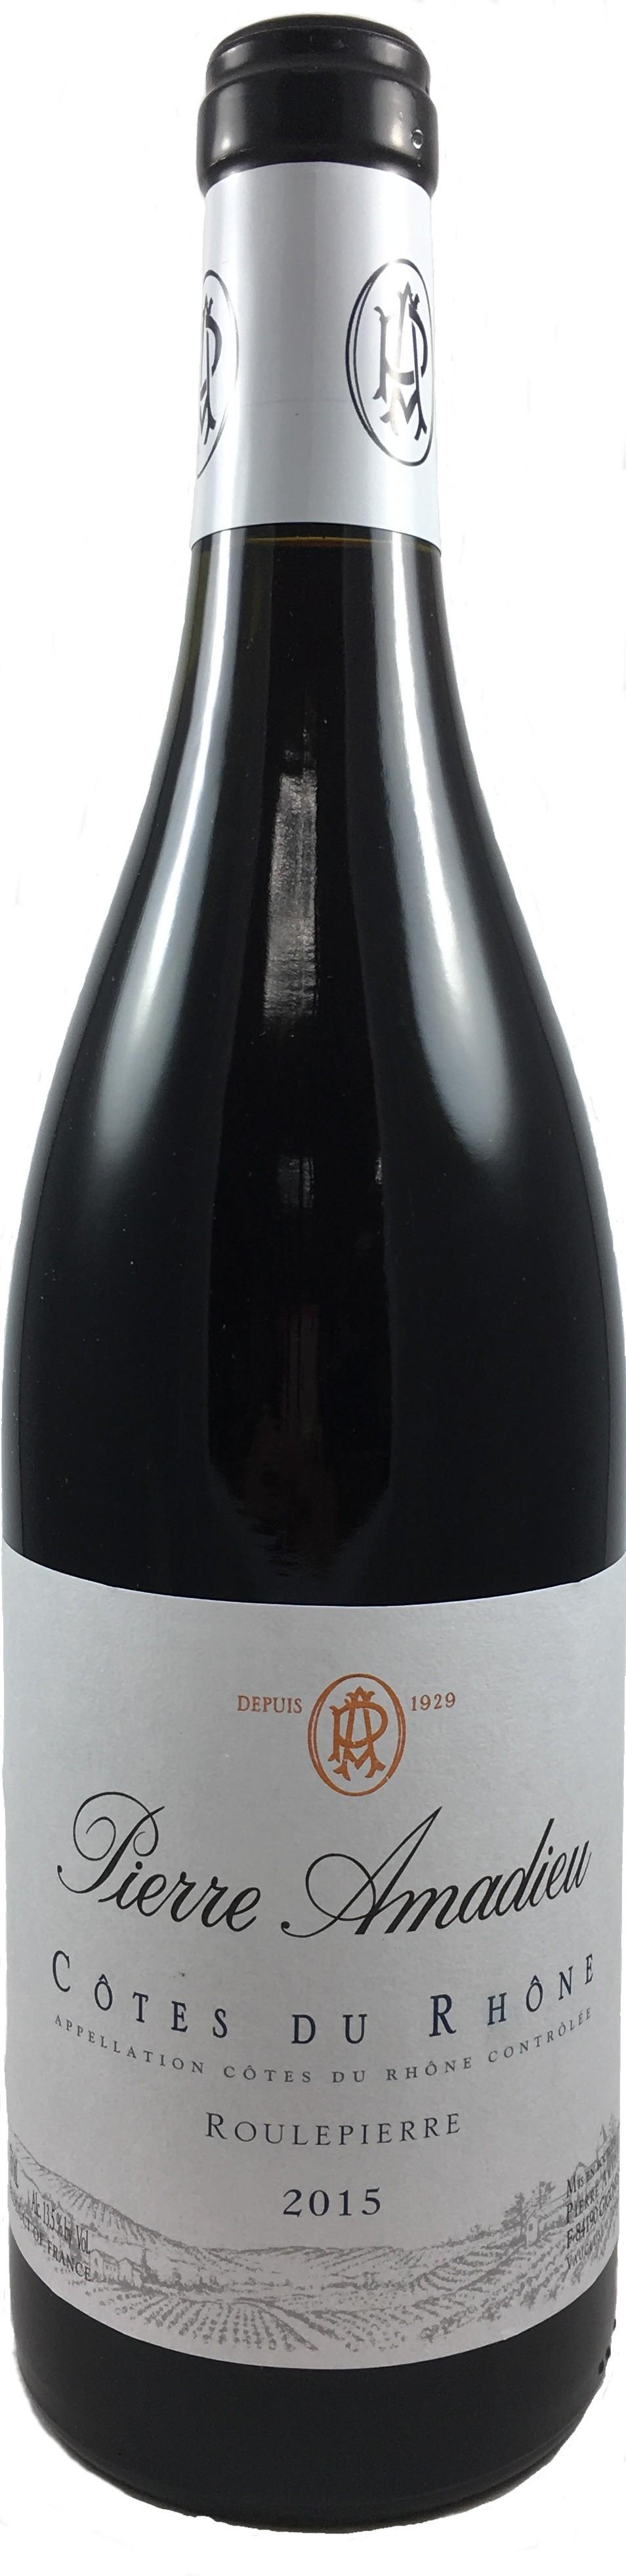 法國 隆河丘 2015  皮耶阿瑪德酒莊 滾石紅葡萄酒